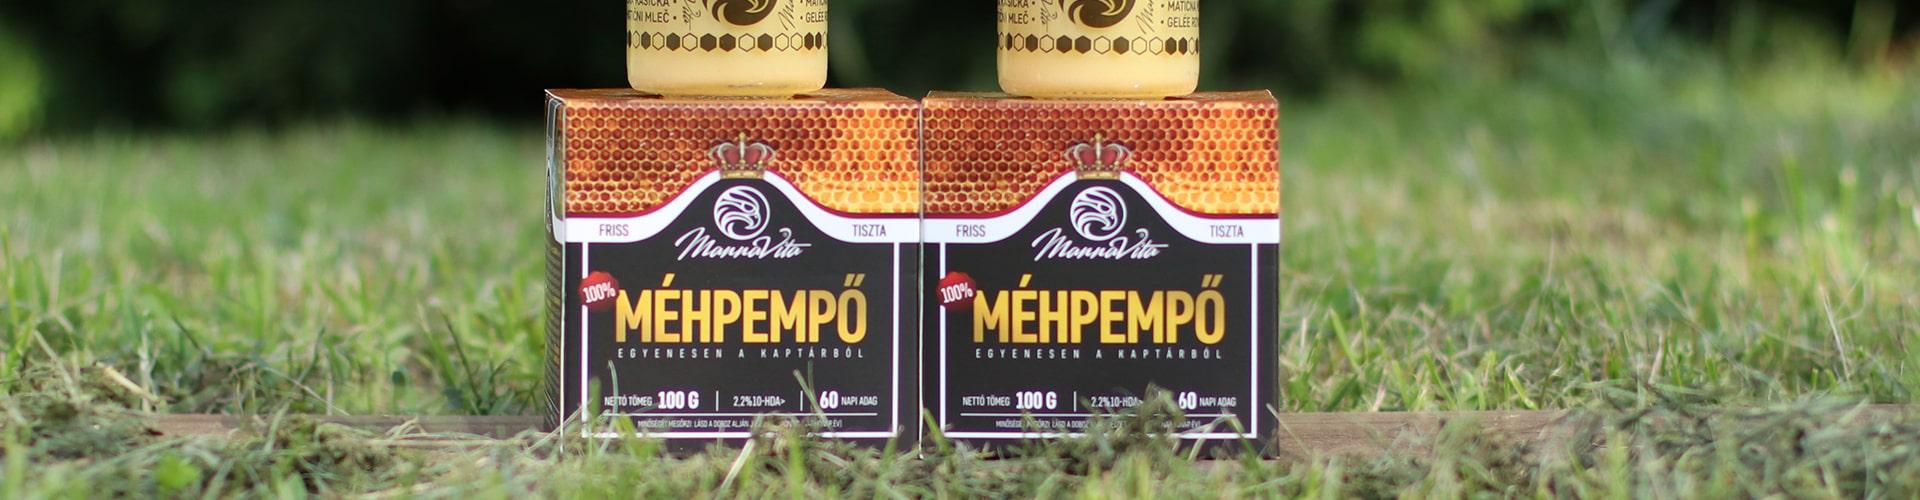 Így fogyassza a Méhpempőt a Legjobb Eredmények érdekében!